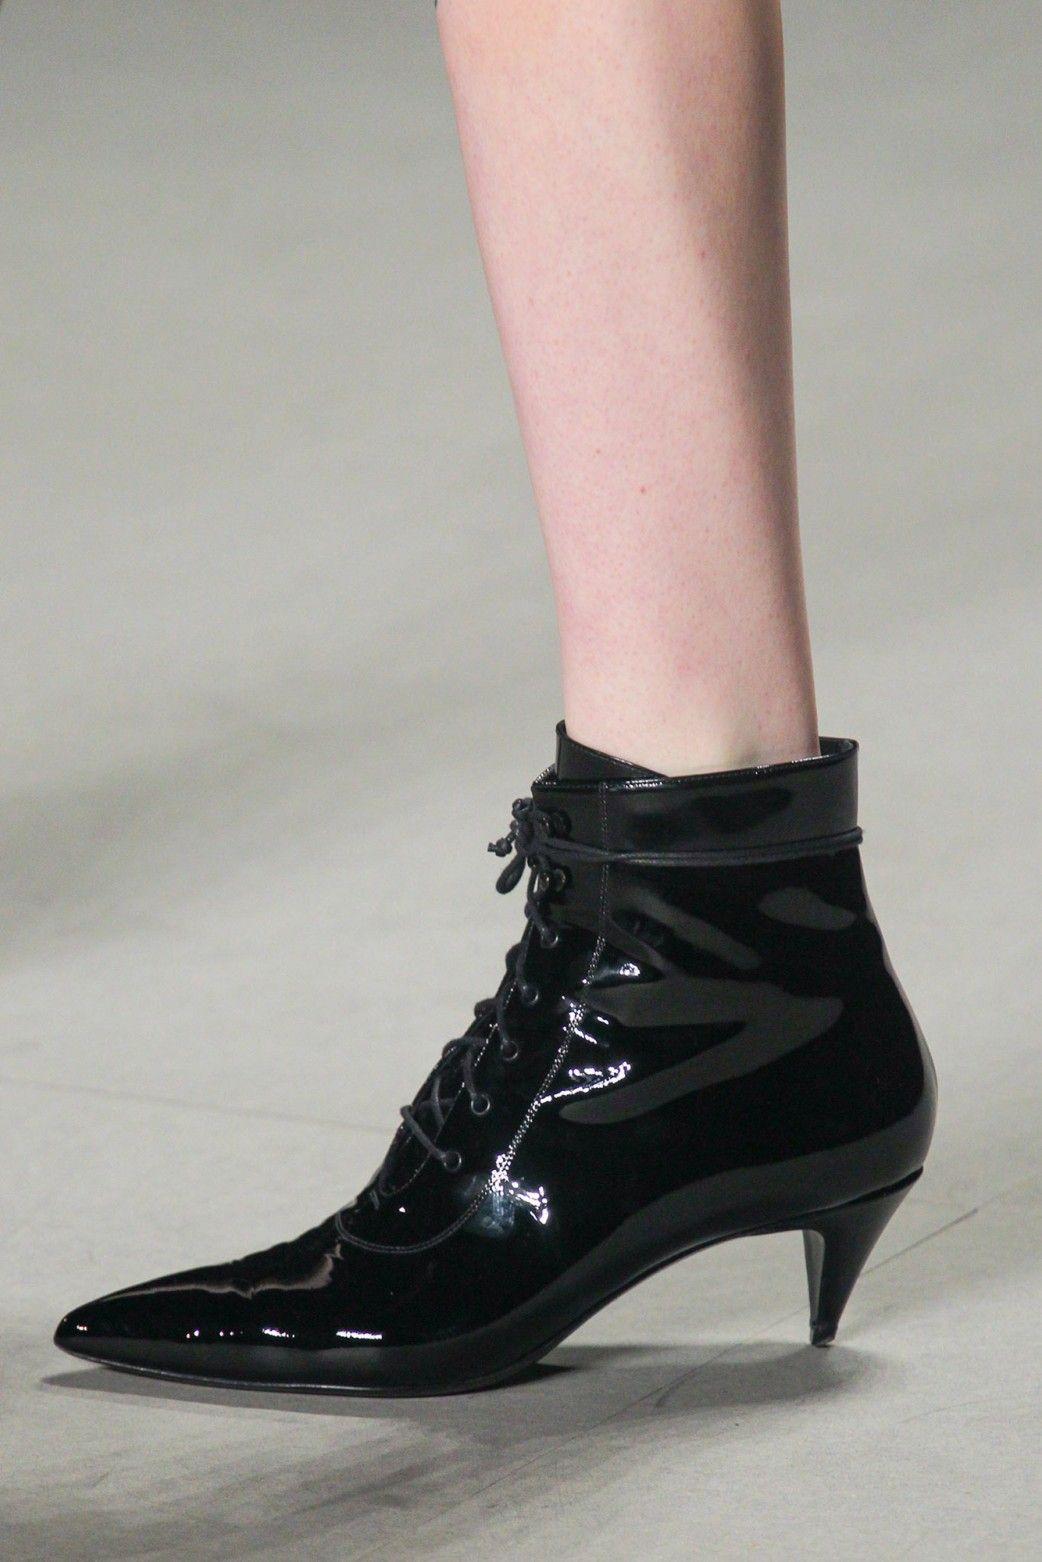 Hedi S Heels Kitten Heel Boots Heels Boot Shoes Women